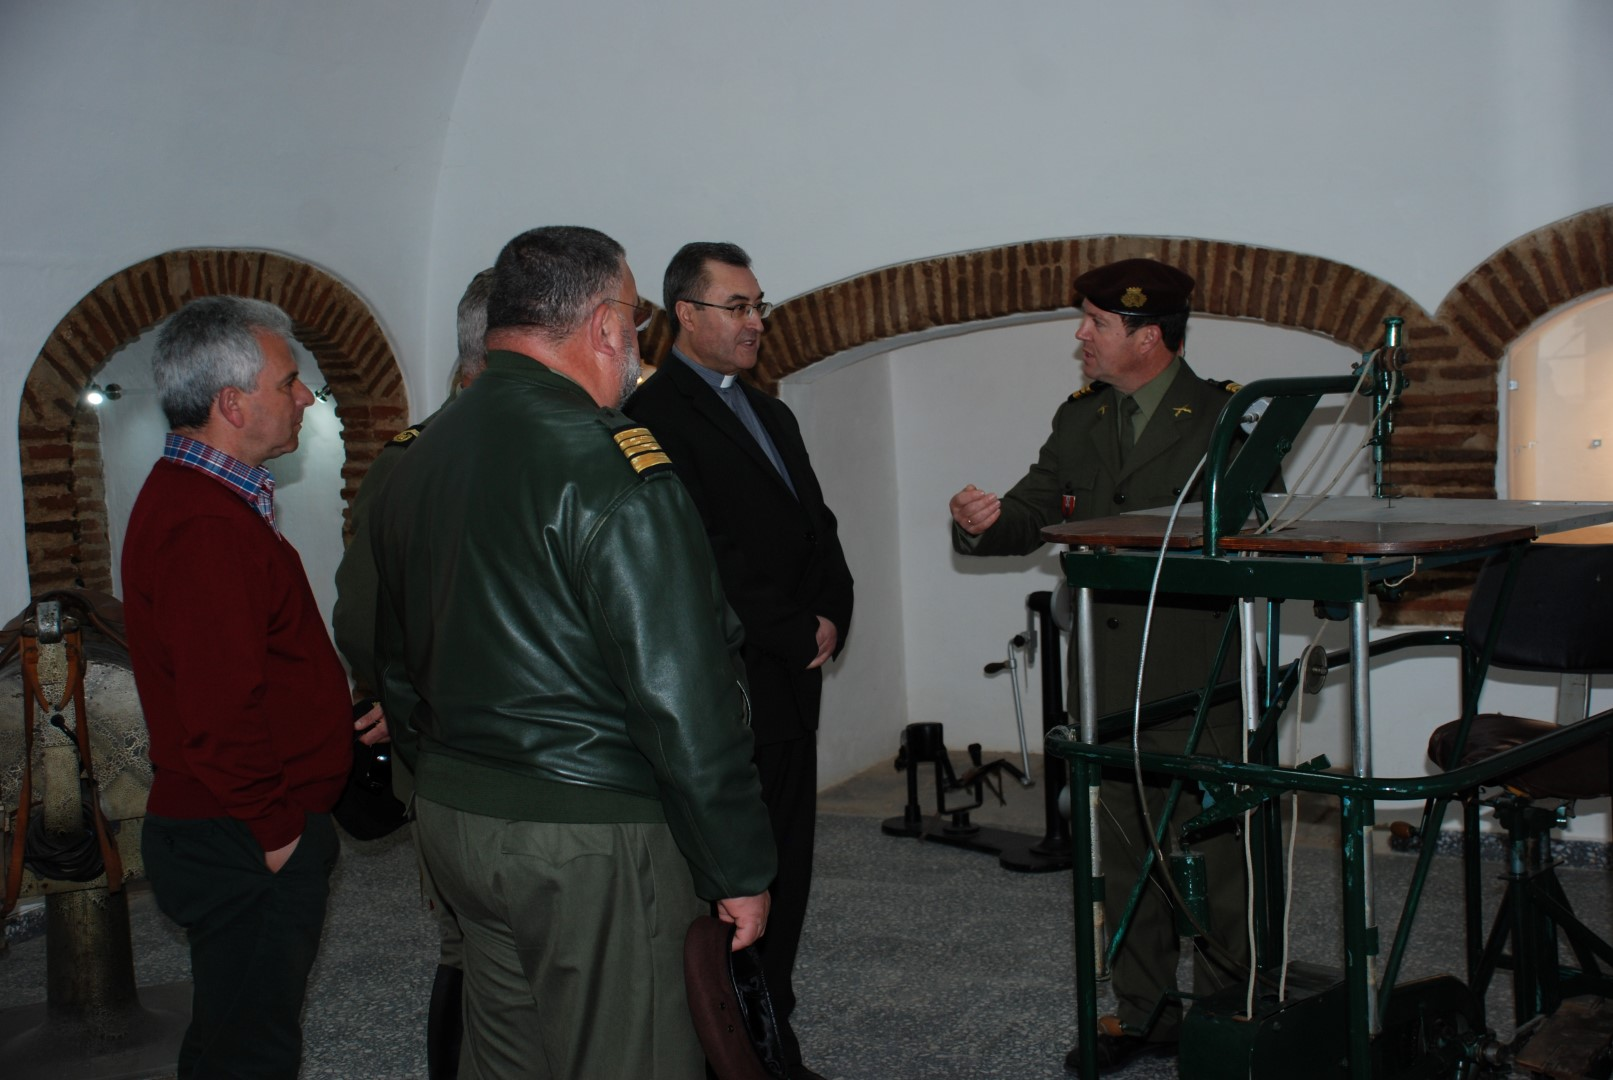 Em Estremoz_Visita de Dom Manuel Linda ao Museu Militar